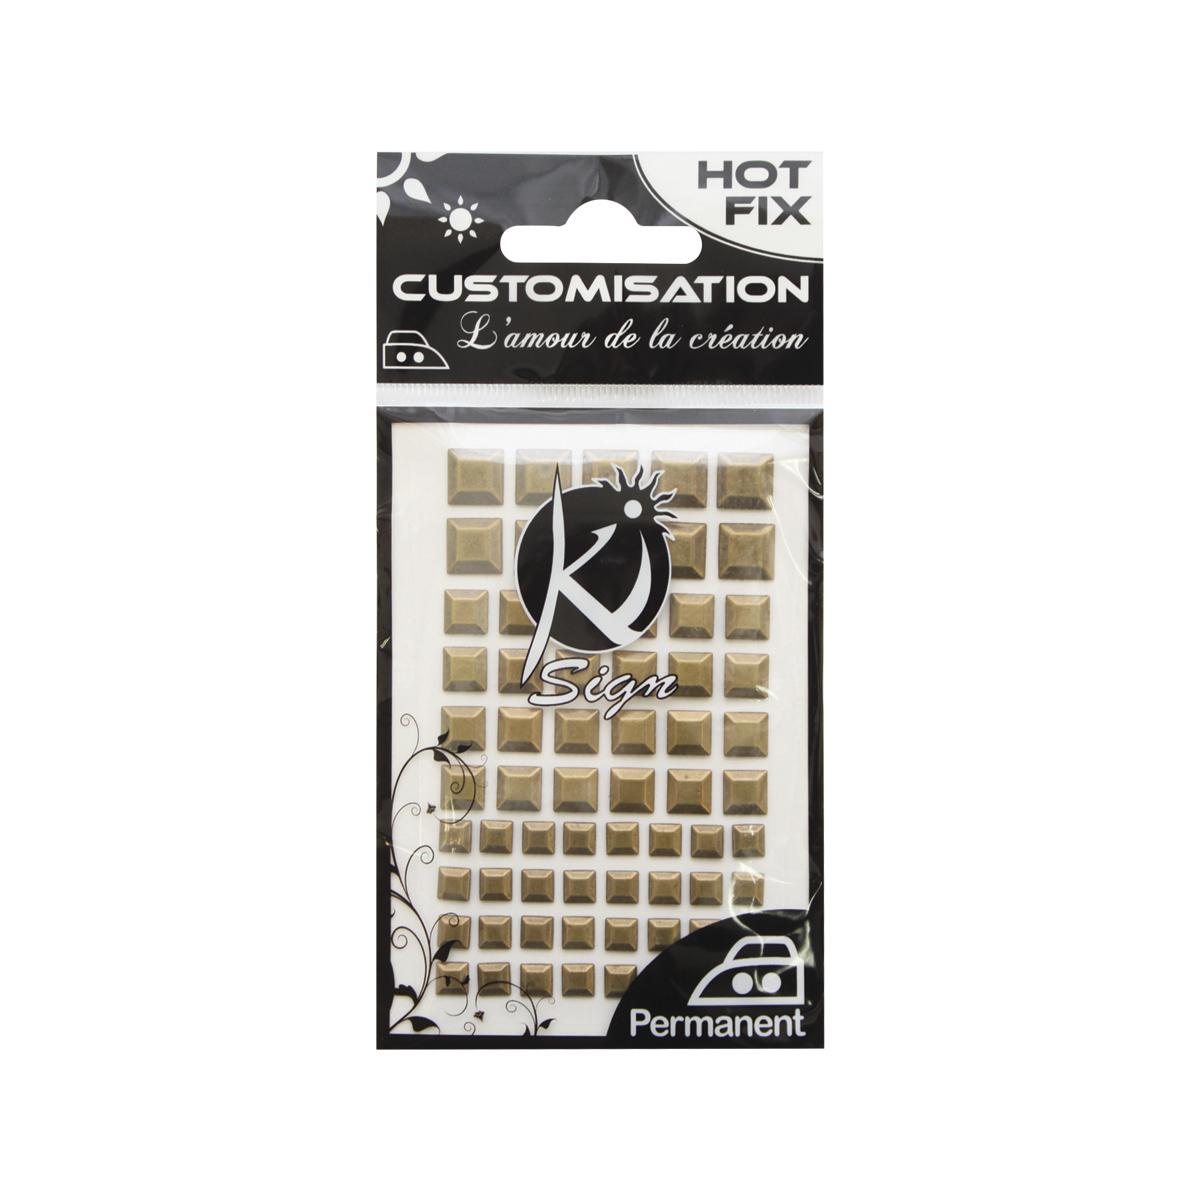 KS-C-MET-CAR Термоклеевые стразы металлик квадратные 6/8/10мм, 66шт Ki Sign